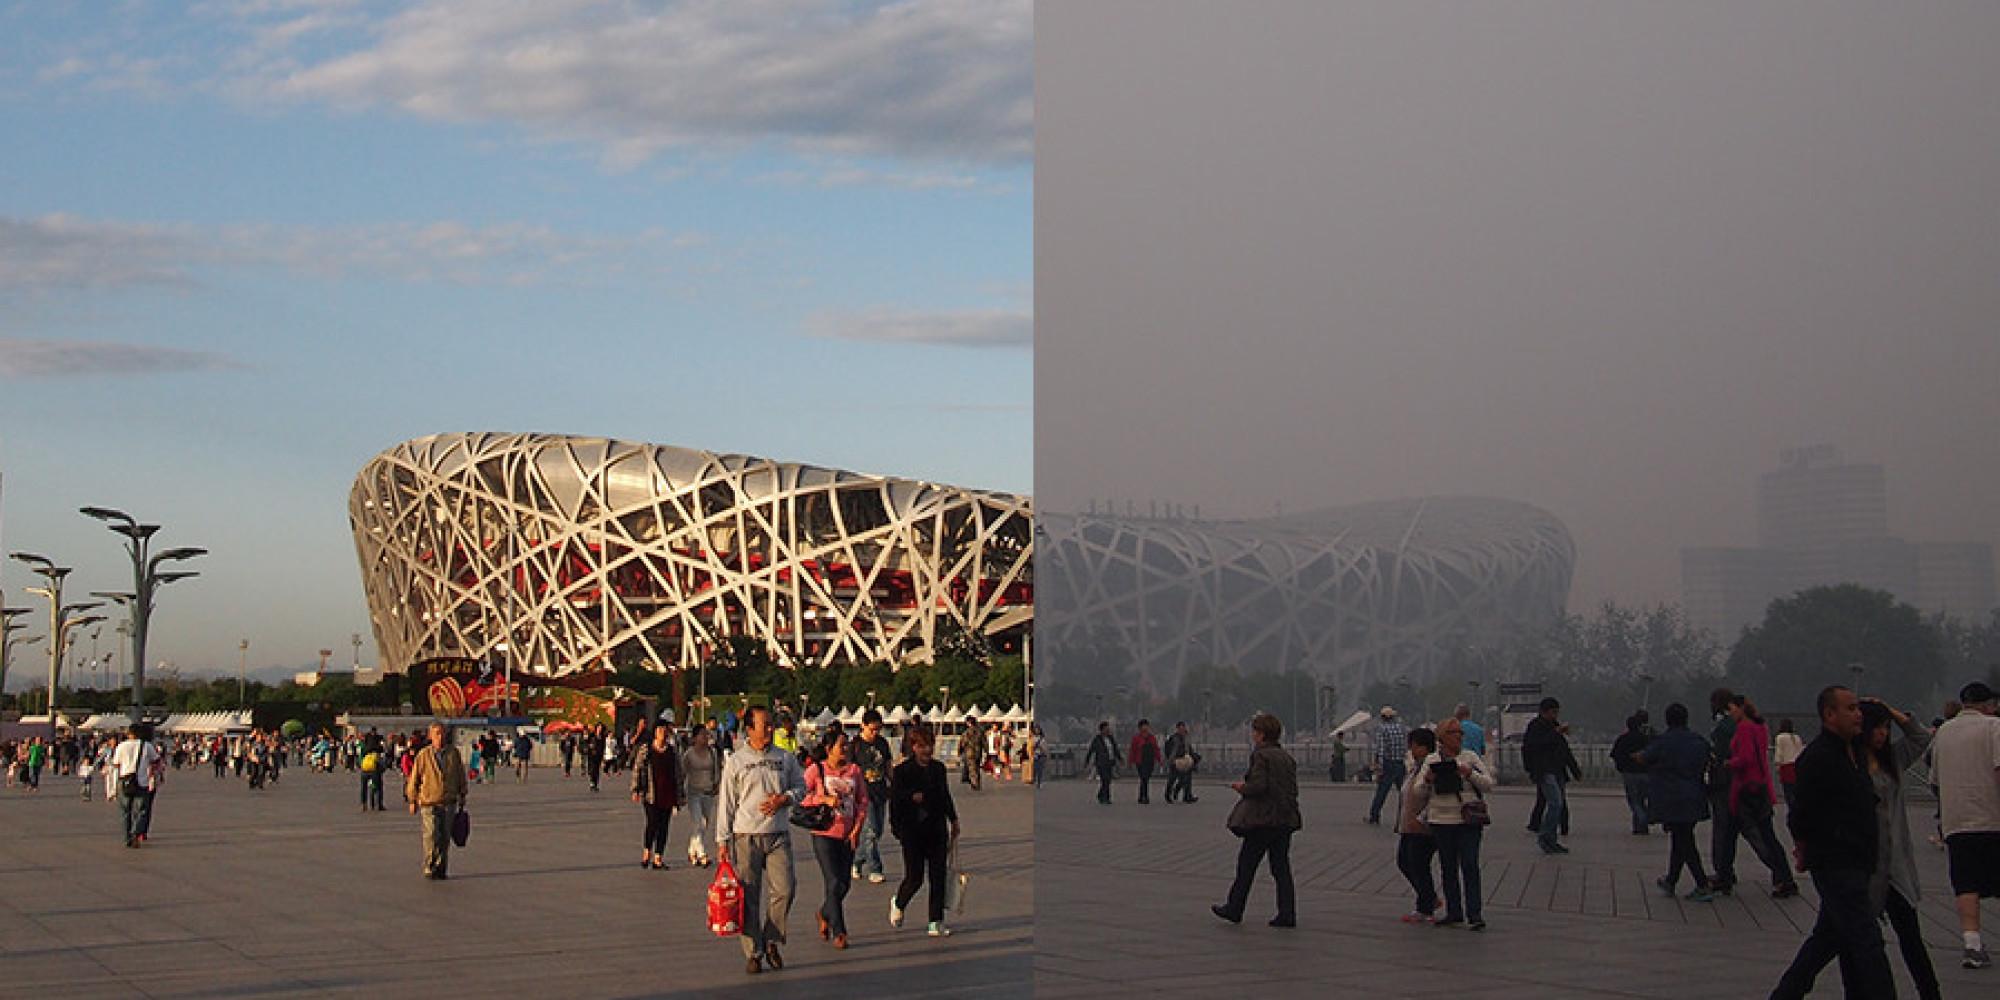 Slika u danu bez i sa velikom količinom zagađenja Kina